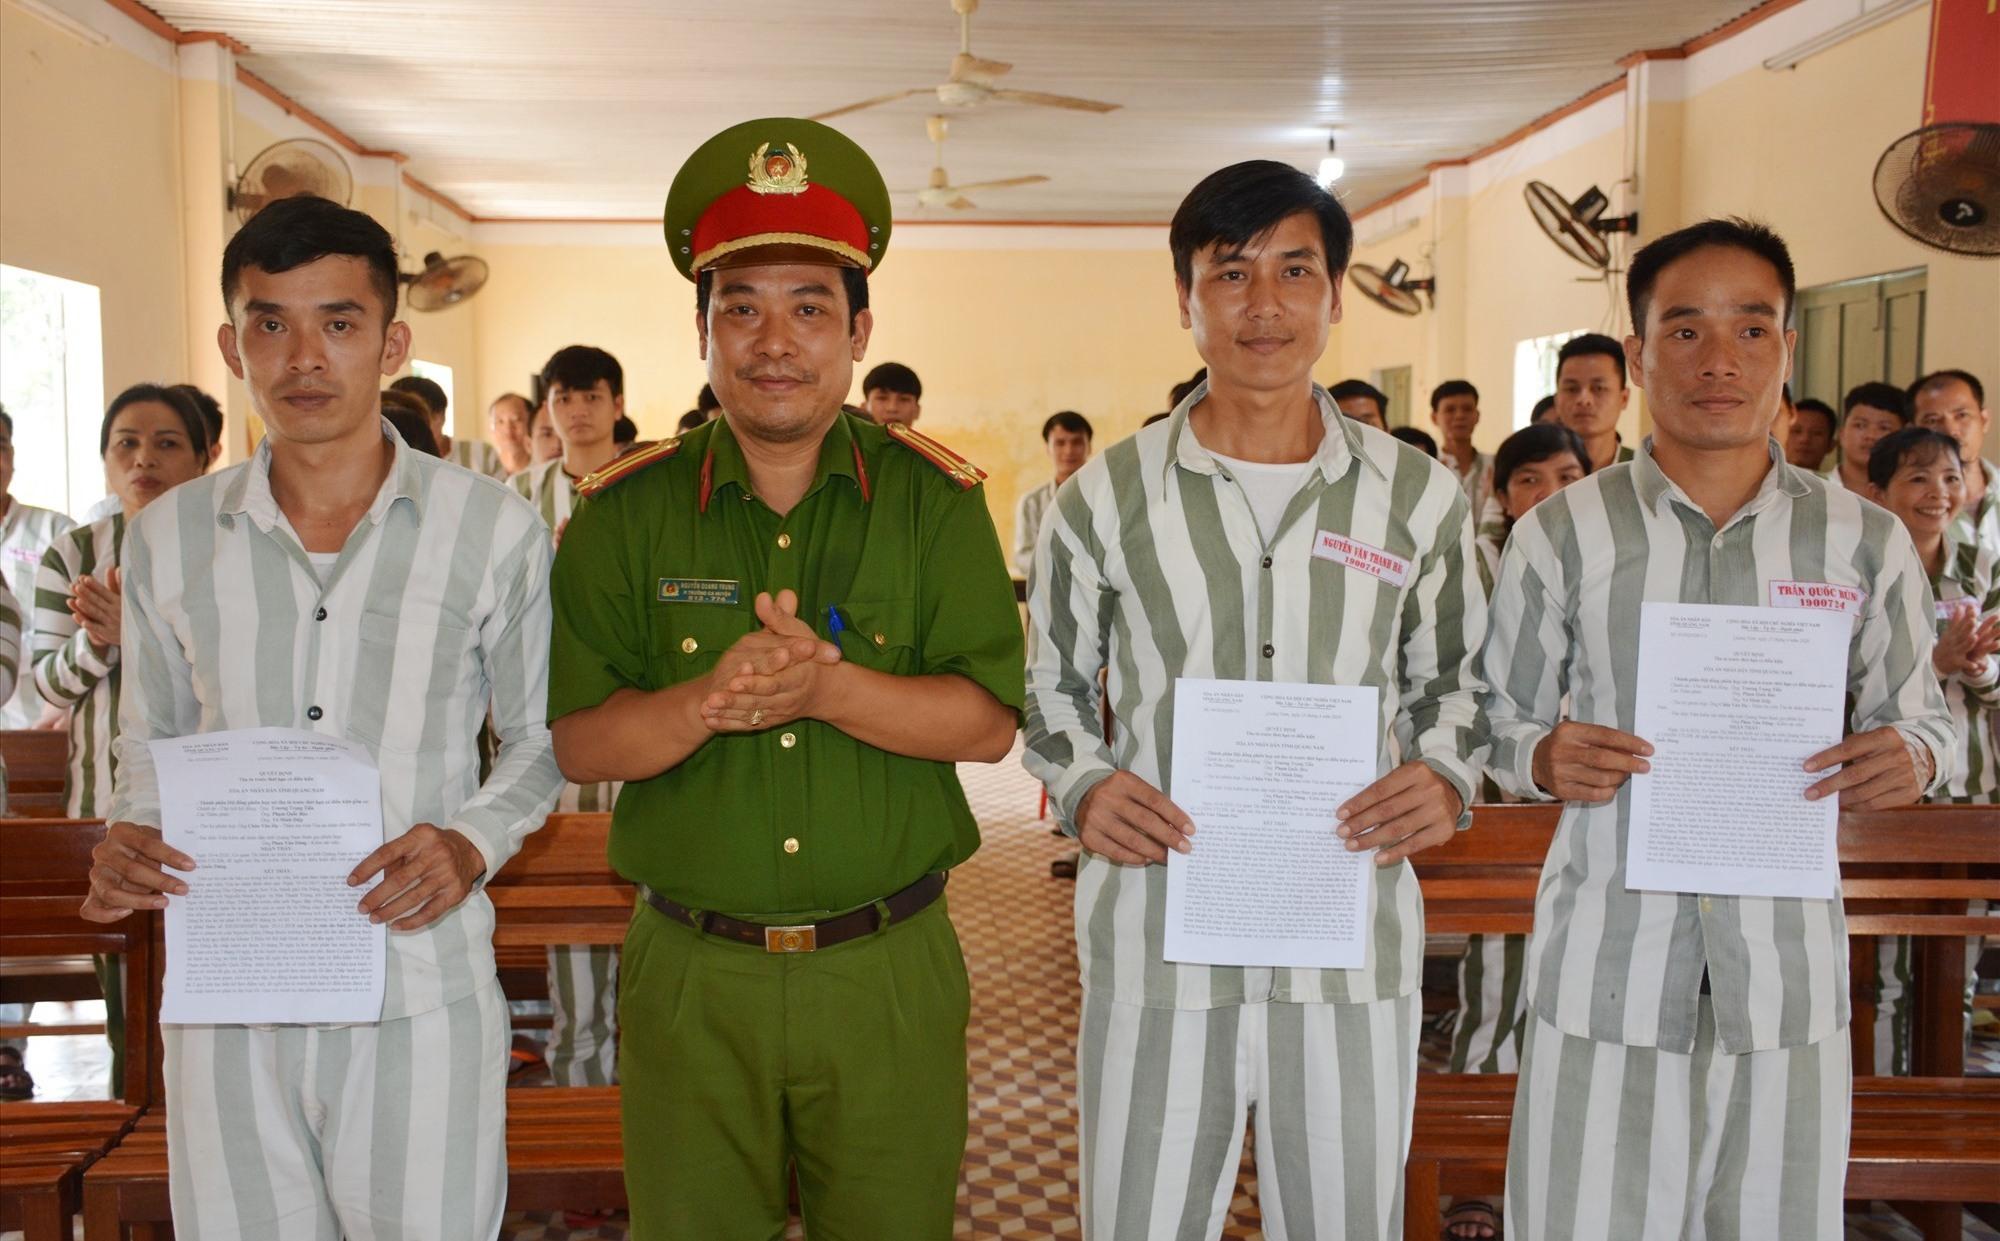 Trao quyết định tha tù trước thời hạn có điều kiện đợt 1 năm 2020 cho 3 phạm nhân